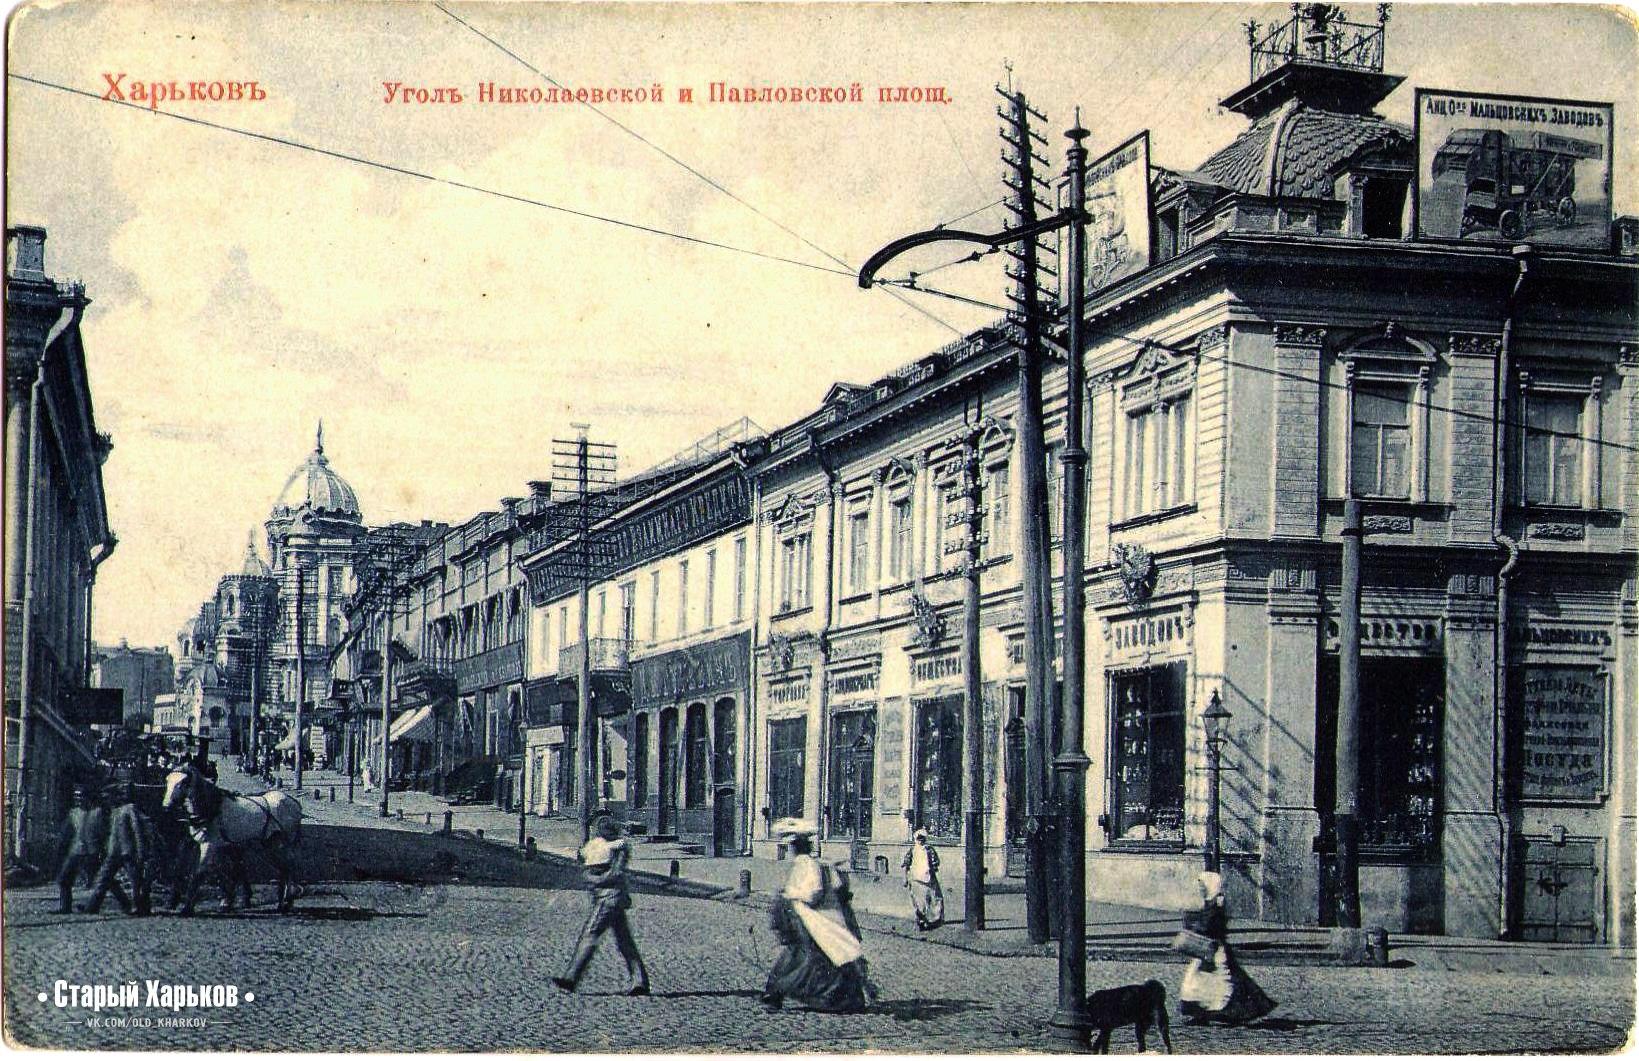 Контора акционерного общества Мальцовских заводов на Николаевской площади